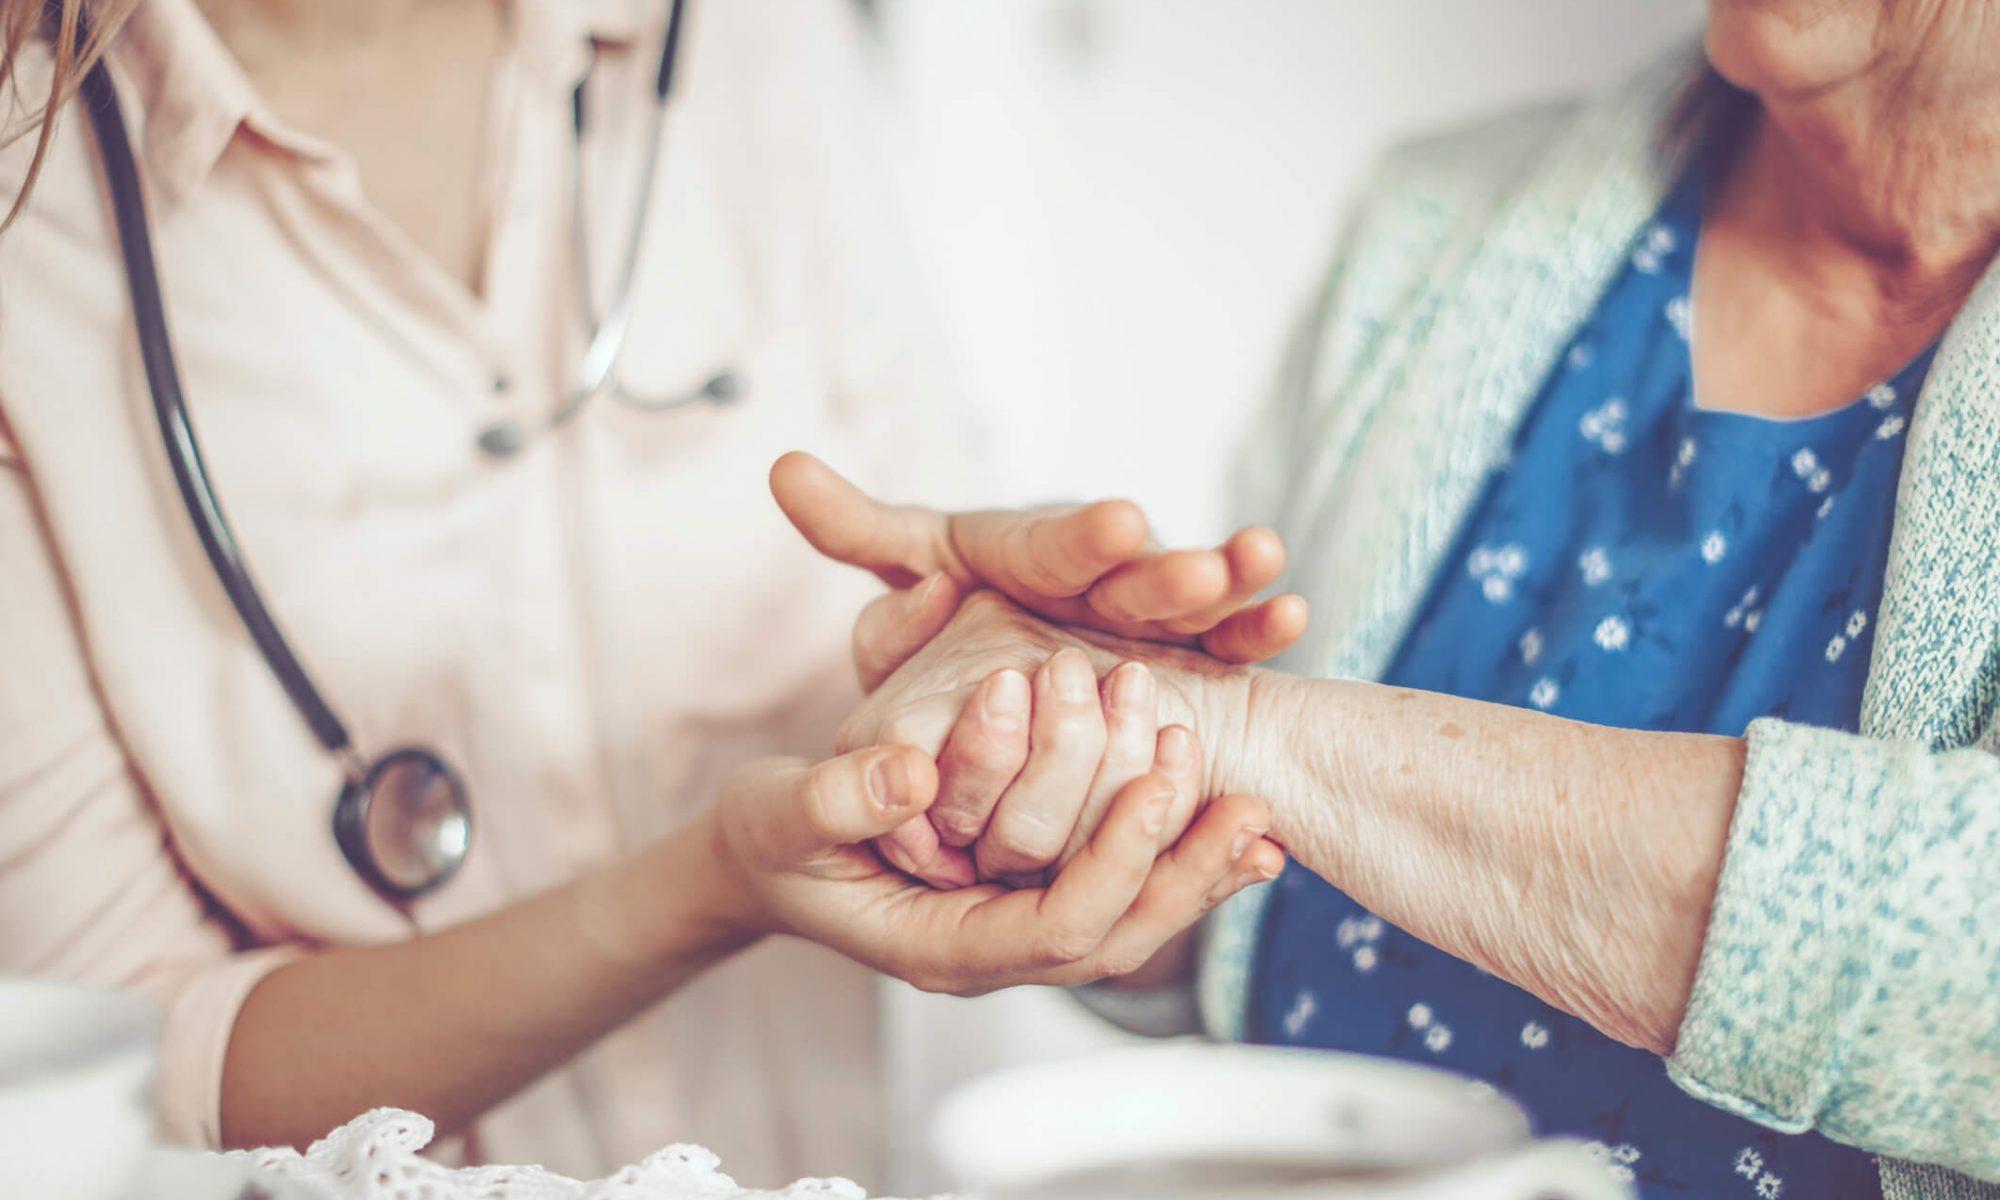 aplicativo faladoc conecta médicos e pacientes via smartphone